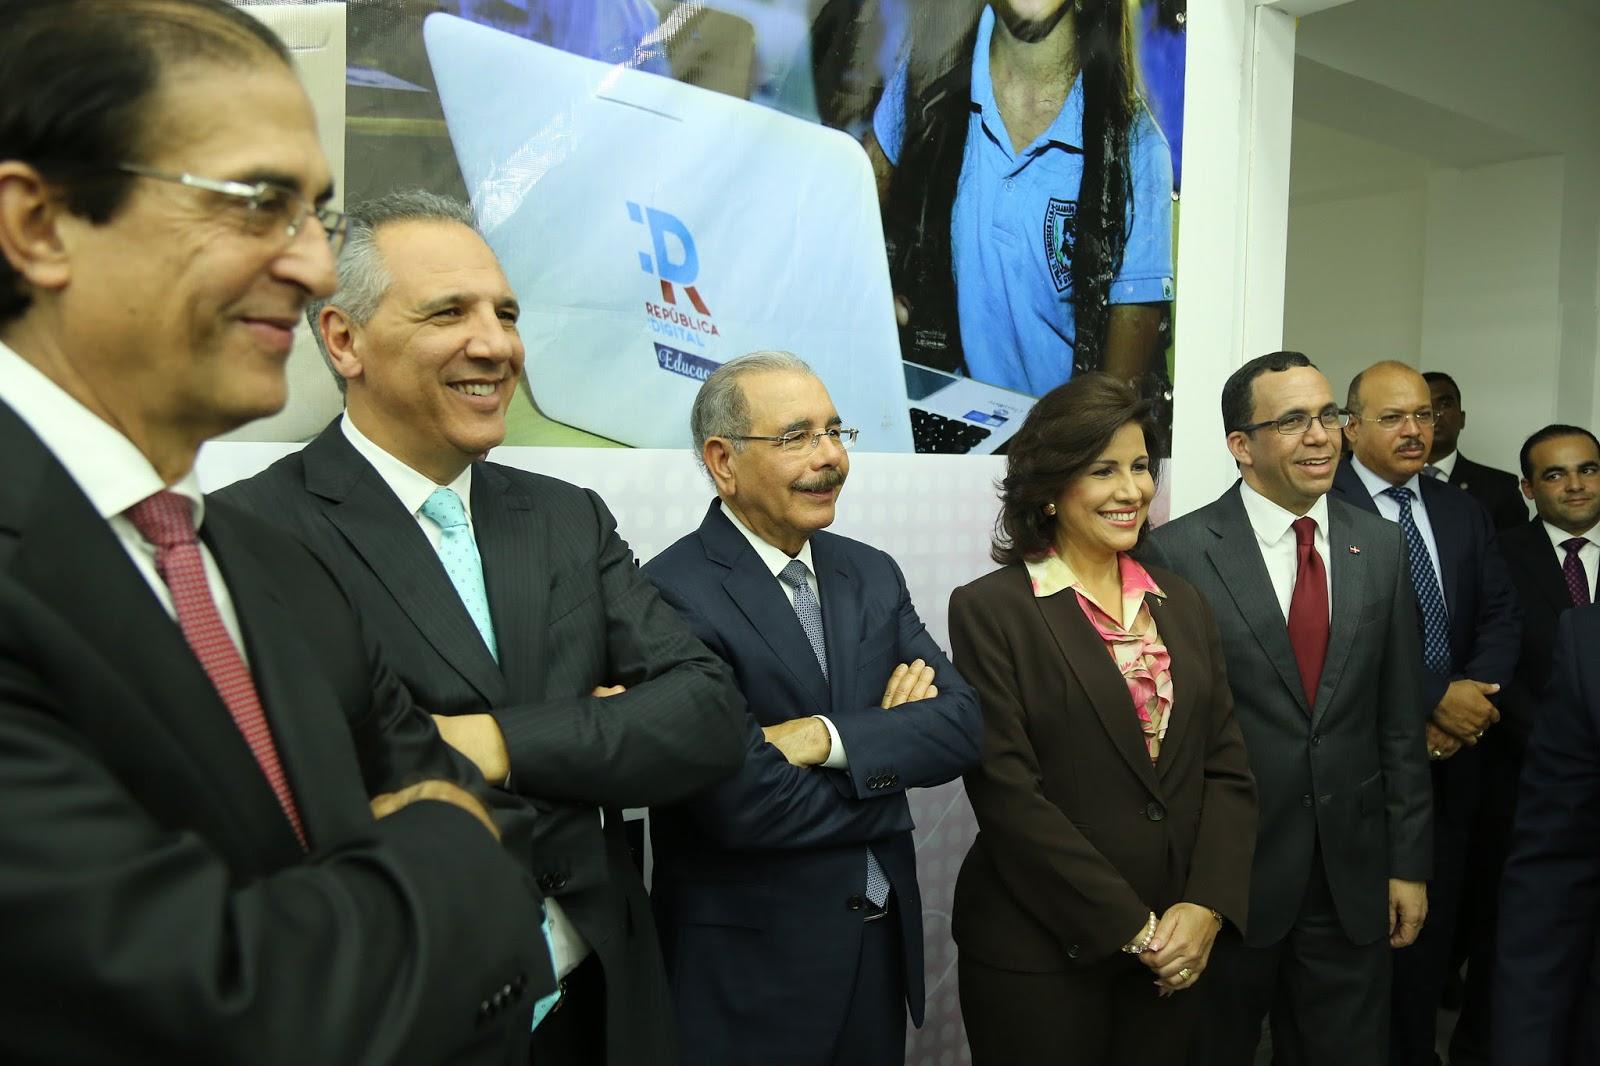 Danilo Medina entrega sede República Digital Educación para elevar calidad enseñanza aprendizaje